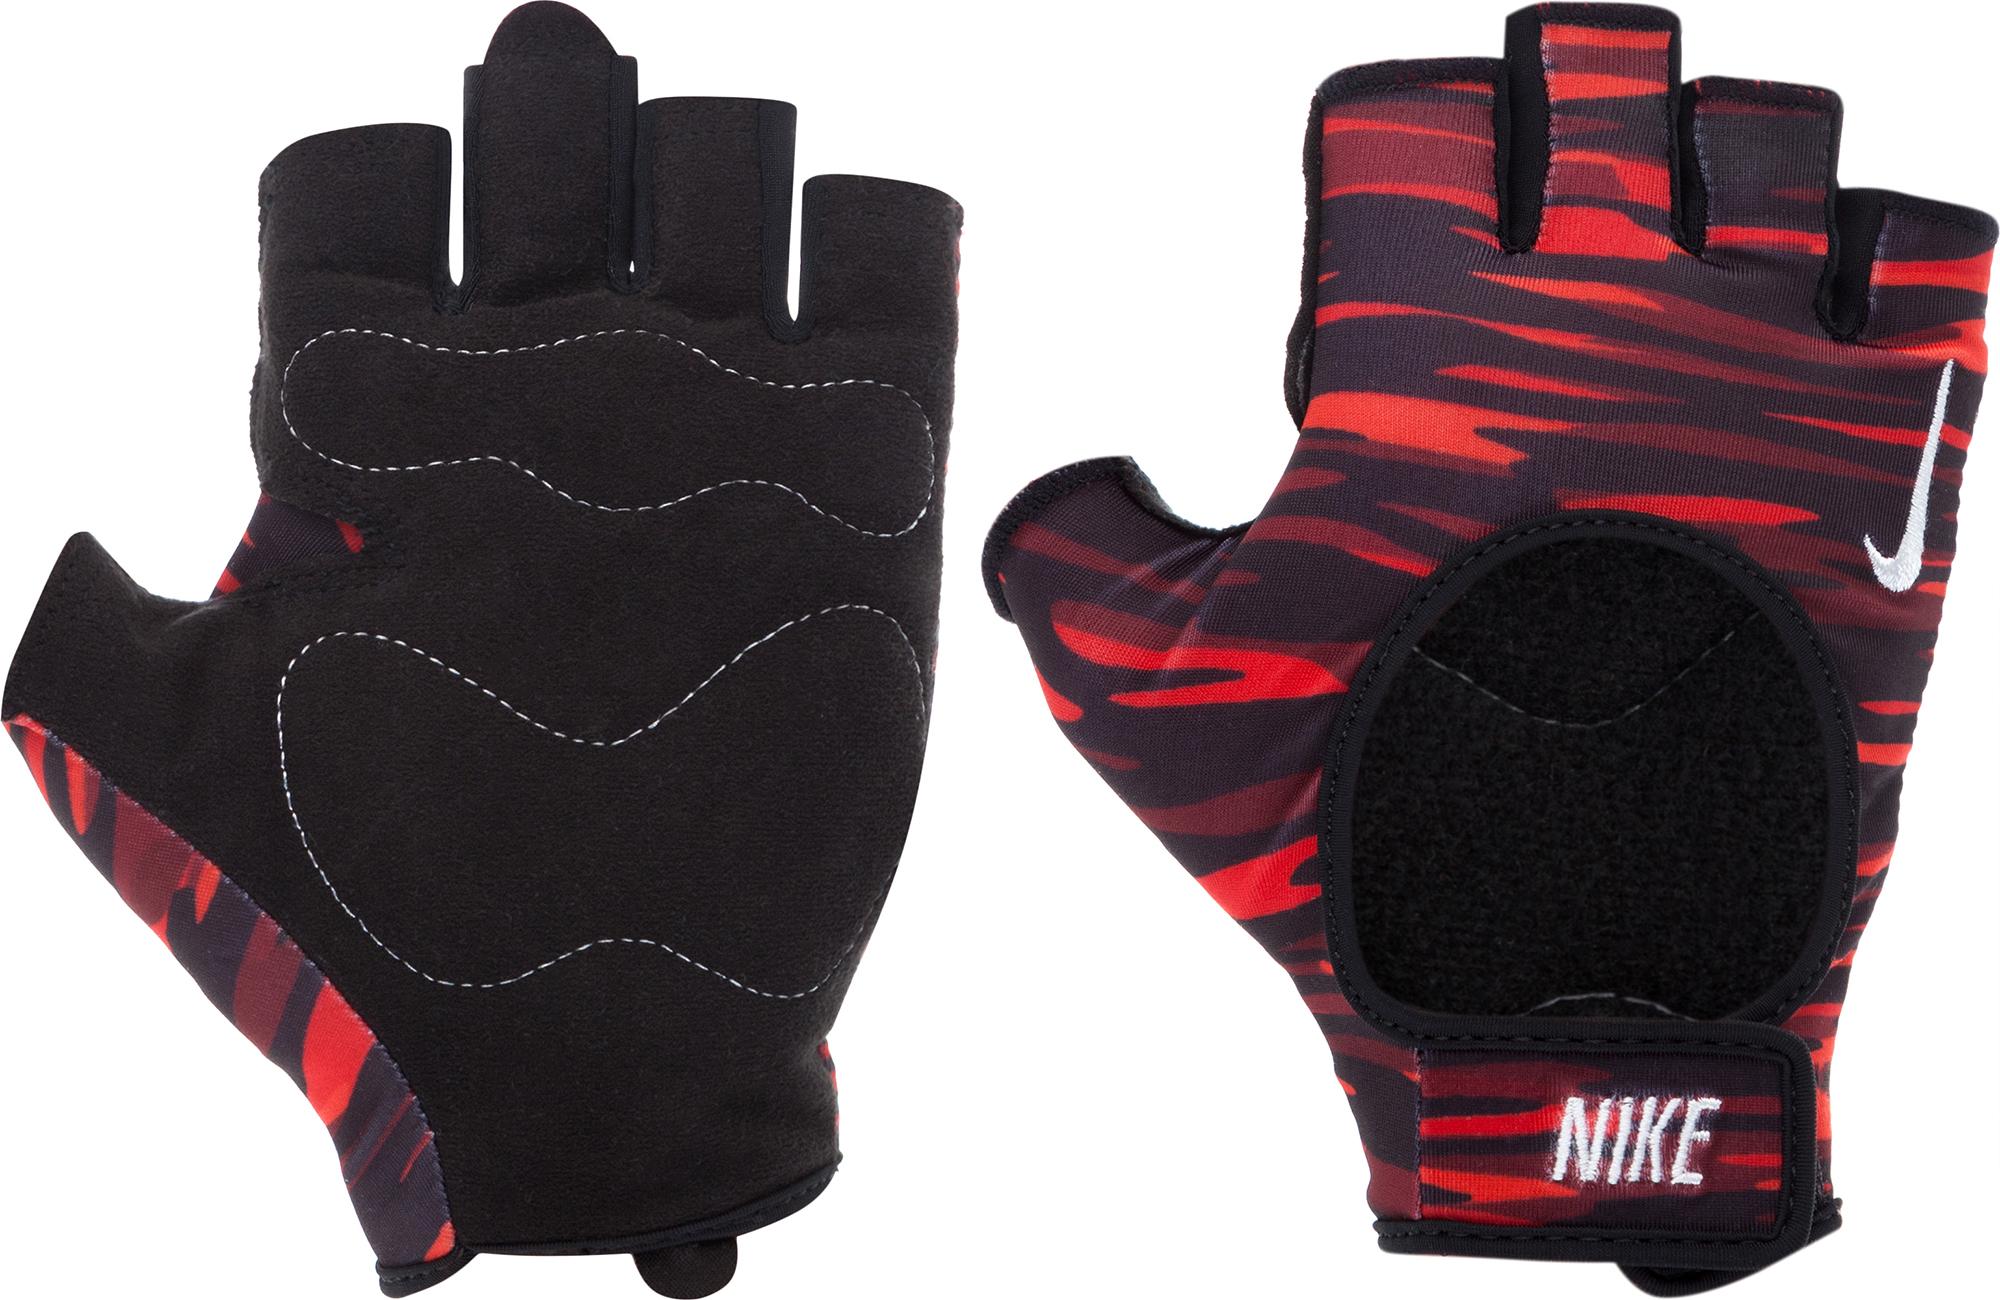 Nike Перчатки для фитнеса женские Nike одежда для фитнеса оптом от производителя